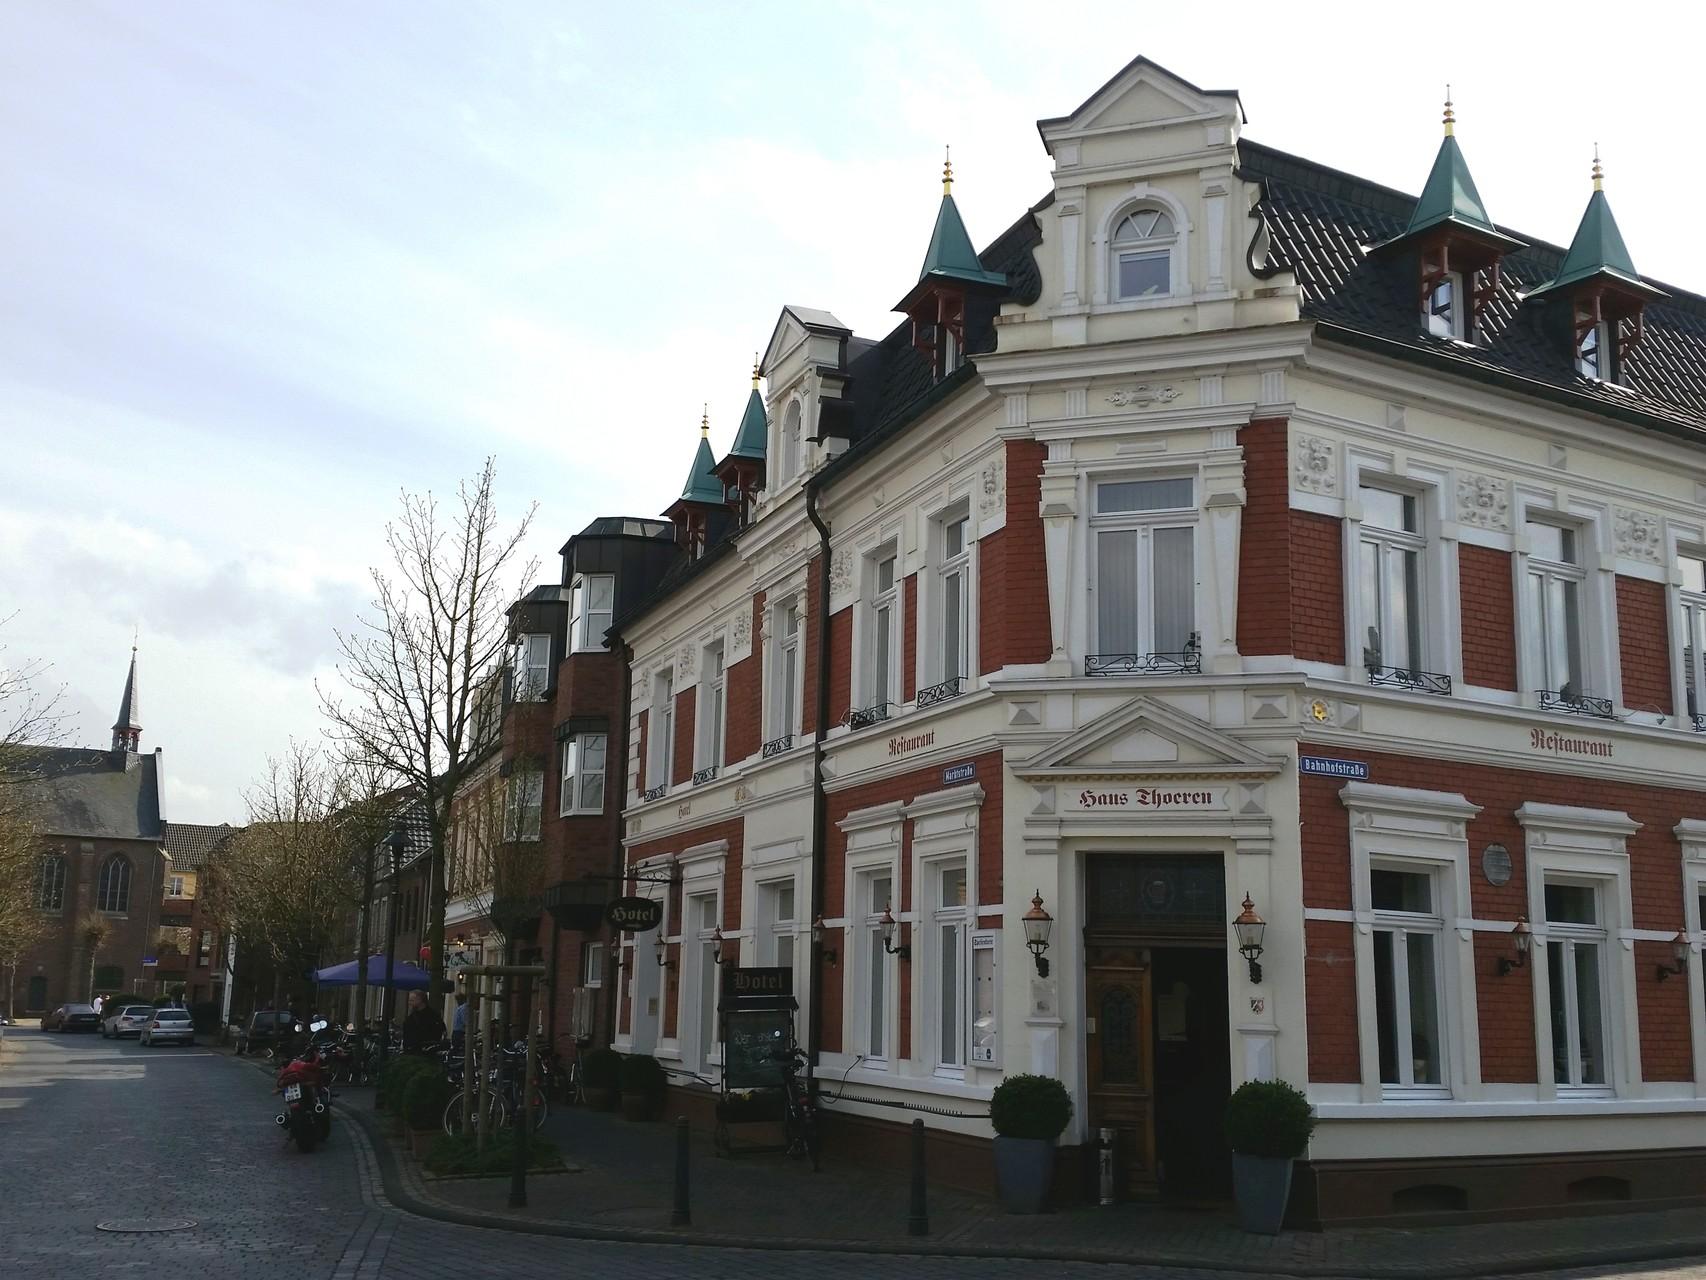 Hotel und Restaurant Haus Thoeren am Marktplatz / Ecke Bahnhofstraße